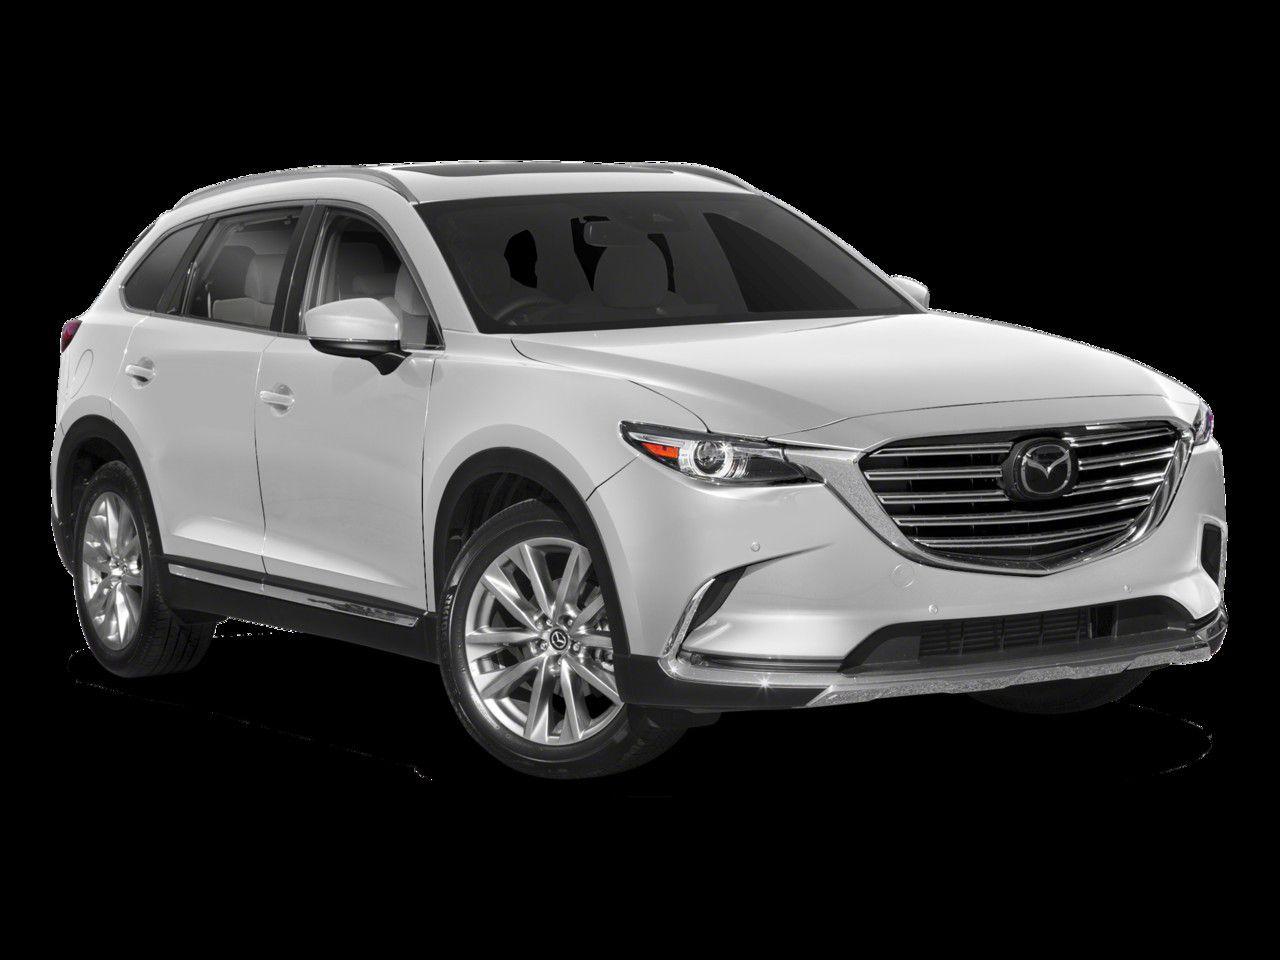 2020 Mazda Cx 9 Check More At Http Www Autocar1 Club 2019 06 03 2020 Mazda Cx 9 Mazda Cx 9 Mazda Subaru Outback